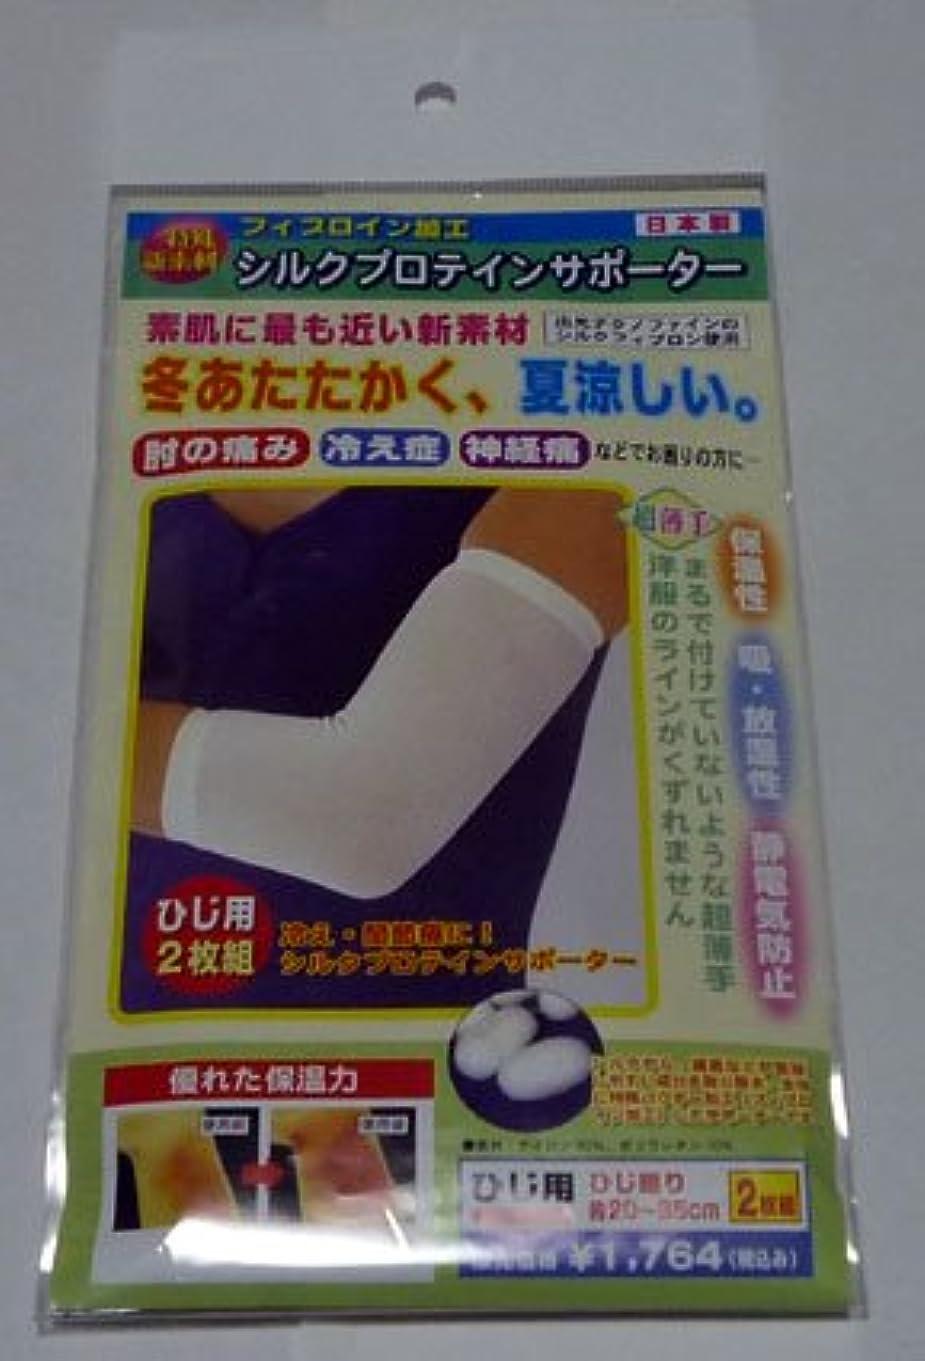 後方引き金懐疑的シルクプロテインサポーター ホフフォワイト ひじ用 2P  日本製 UV 紫外線防止